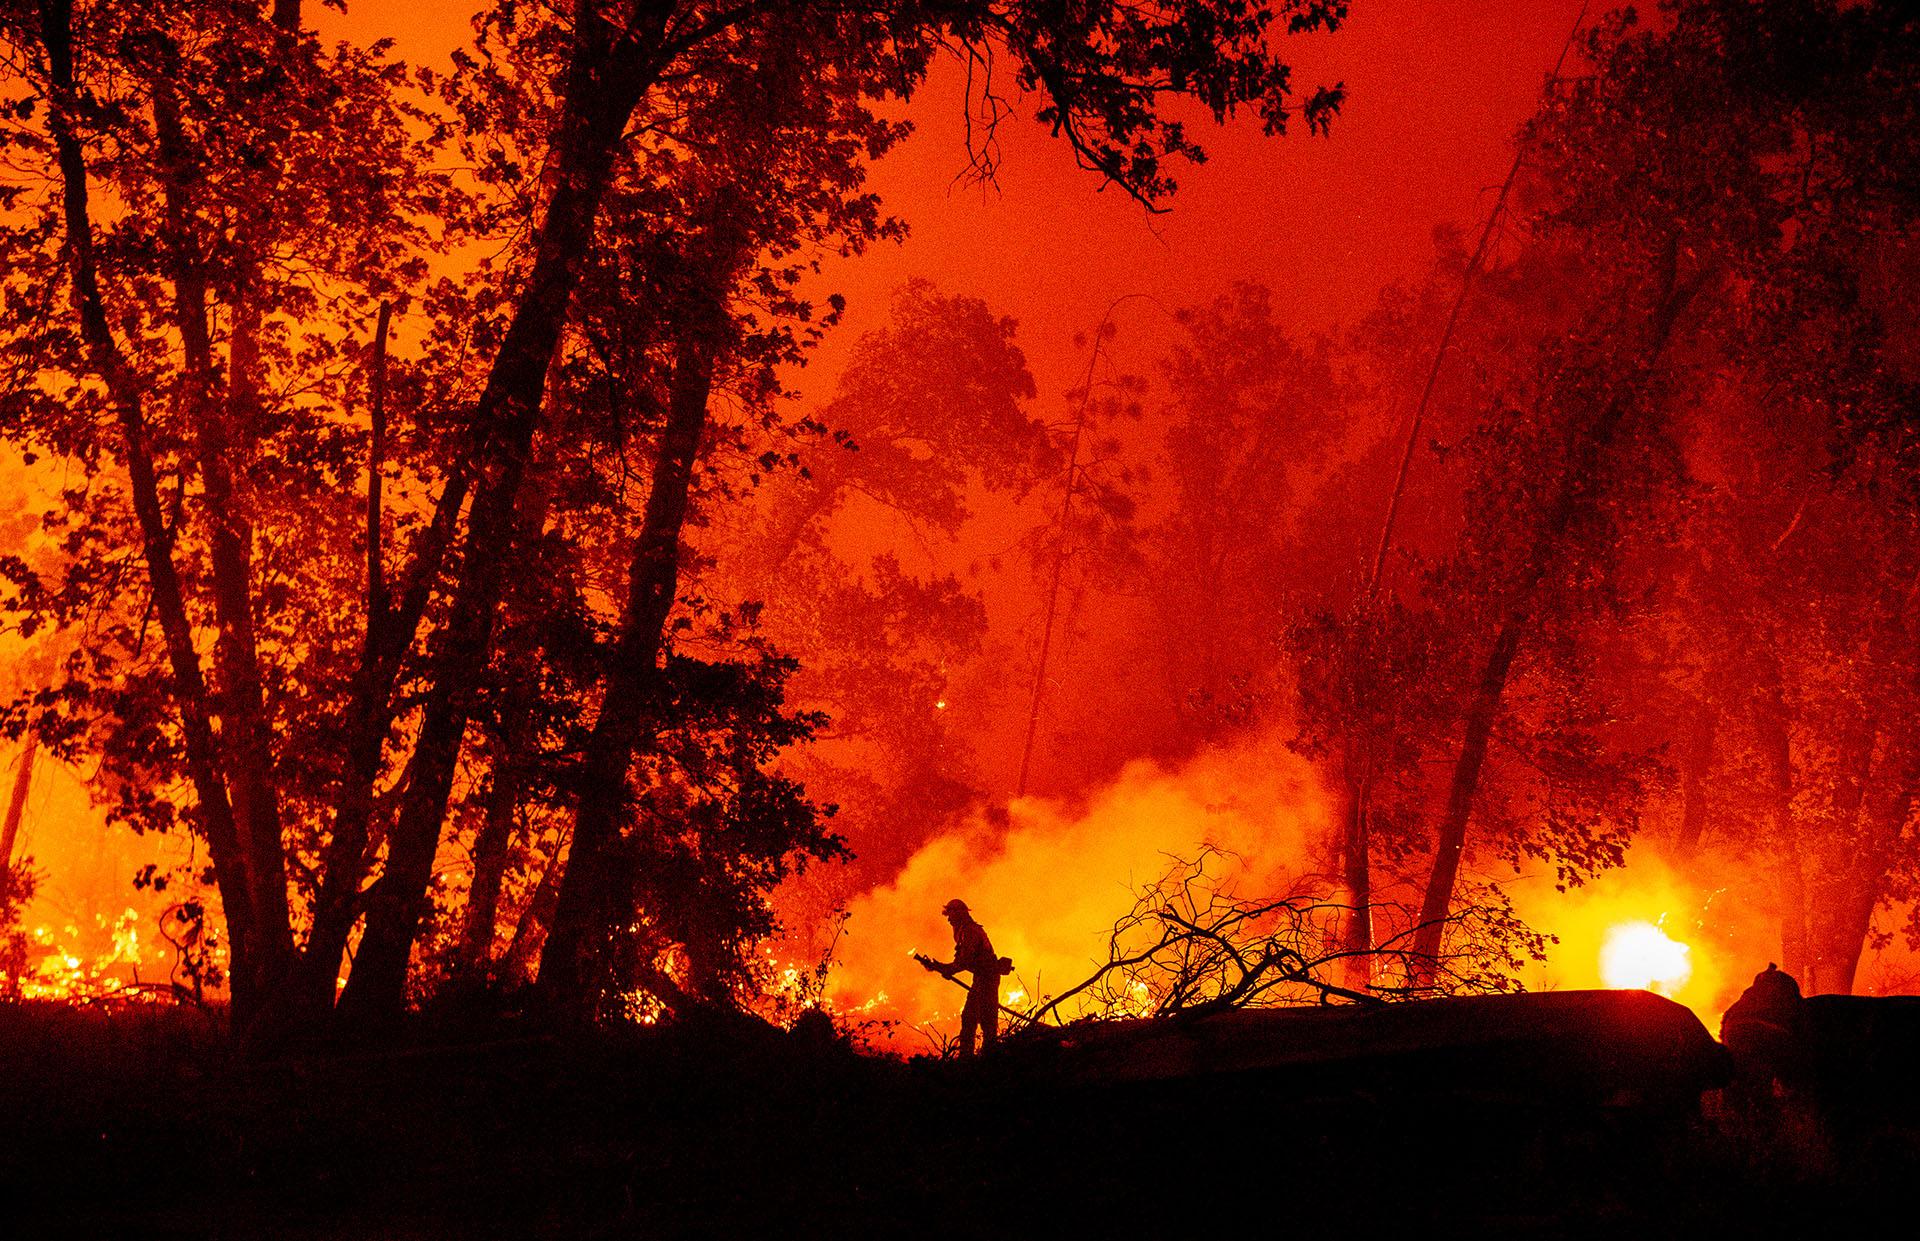 Este tercero incendio, el de la sierra, es el que más rápido se extendió este lunes, calcinando dos docenas de casas en el pequeño pueblo de Big Creek y obligando a evacuar por completo a la población de Auberry, de 2.500 habitantes. (JOSH EDELSON / AFP)